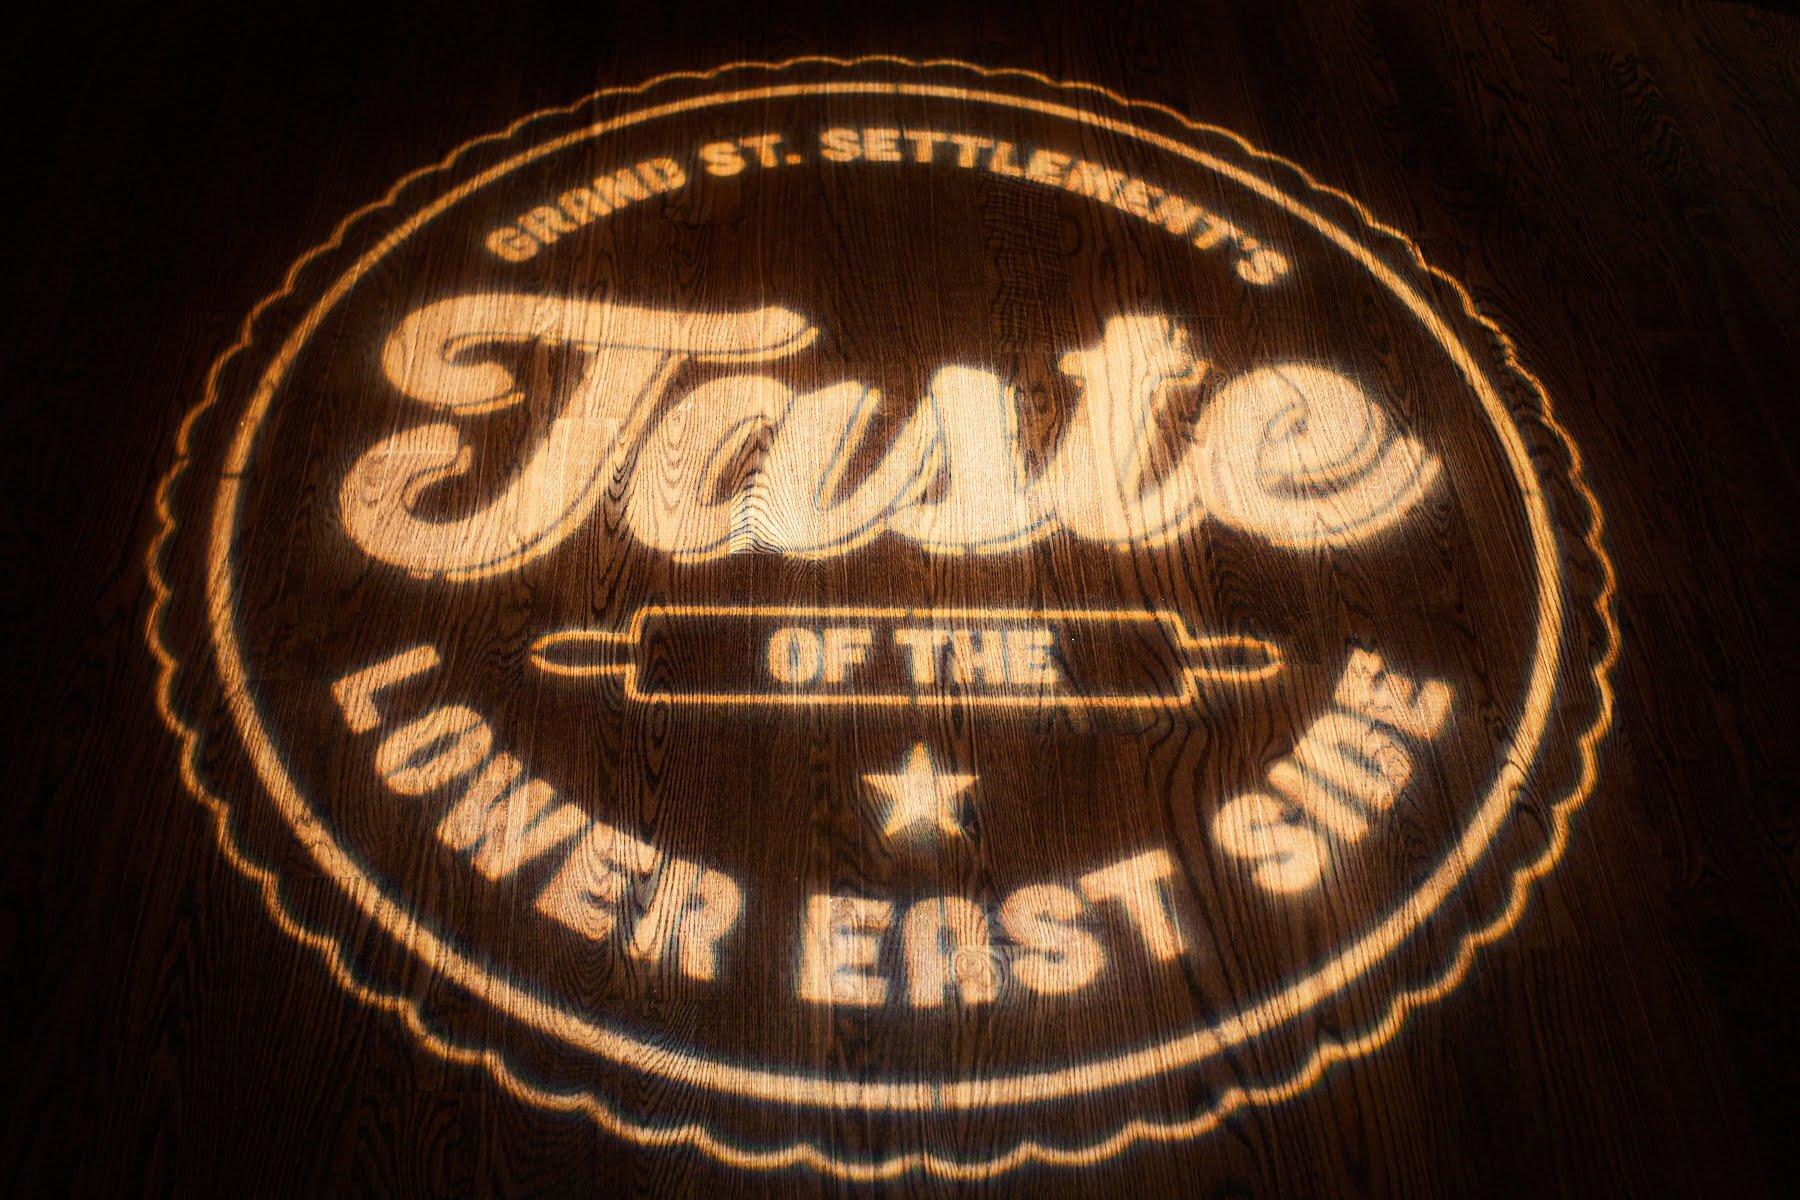 TasteofLES-248.jpg